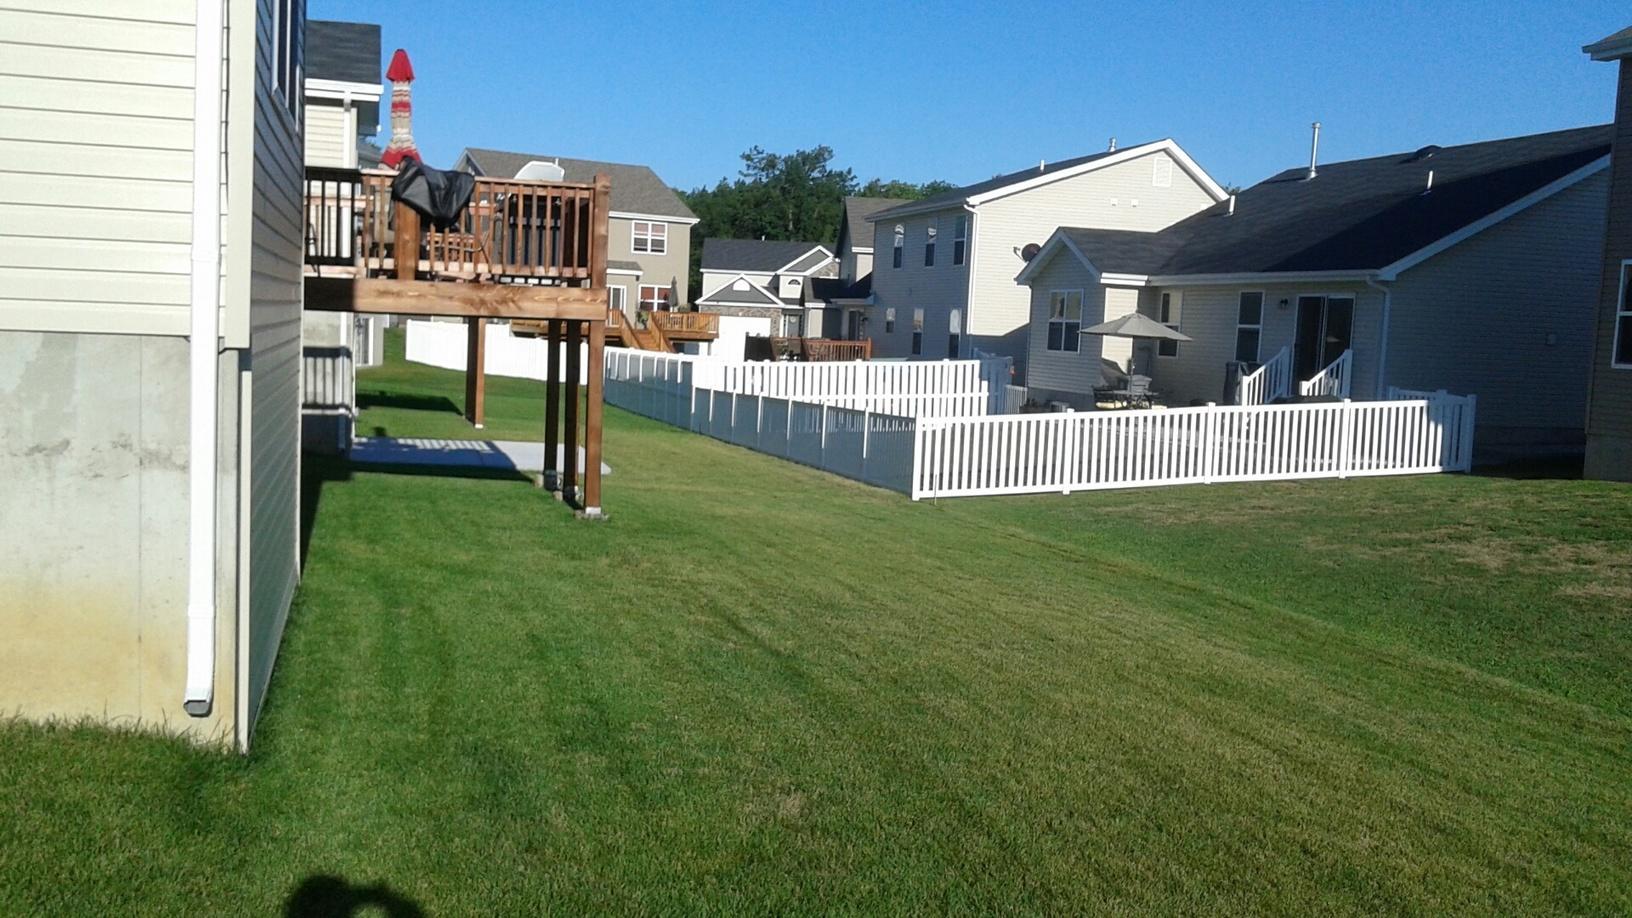 O'Fallon, MO Vinyl Fence Installation - Before Photo